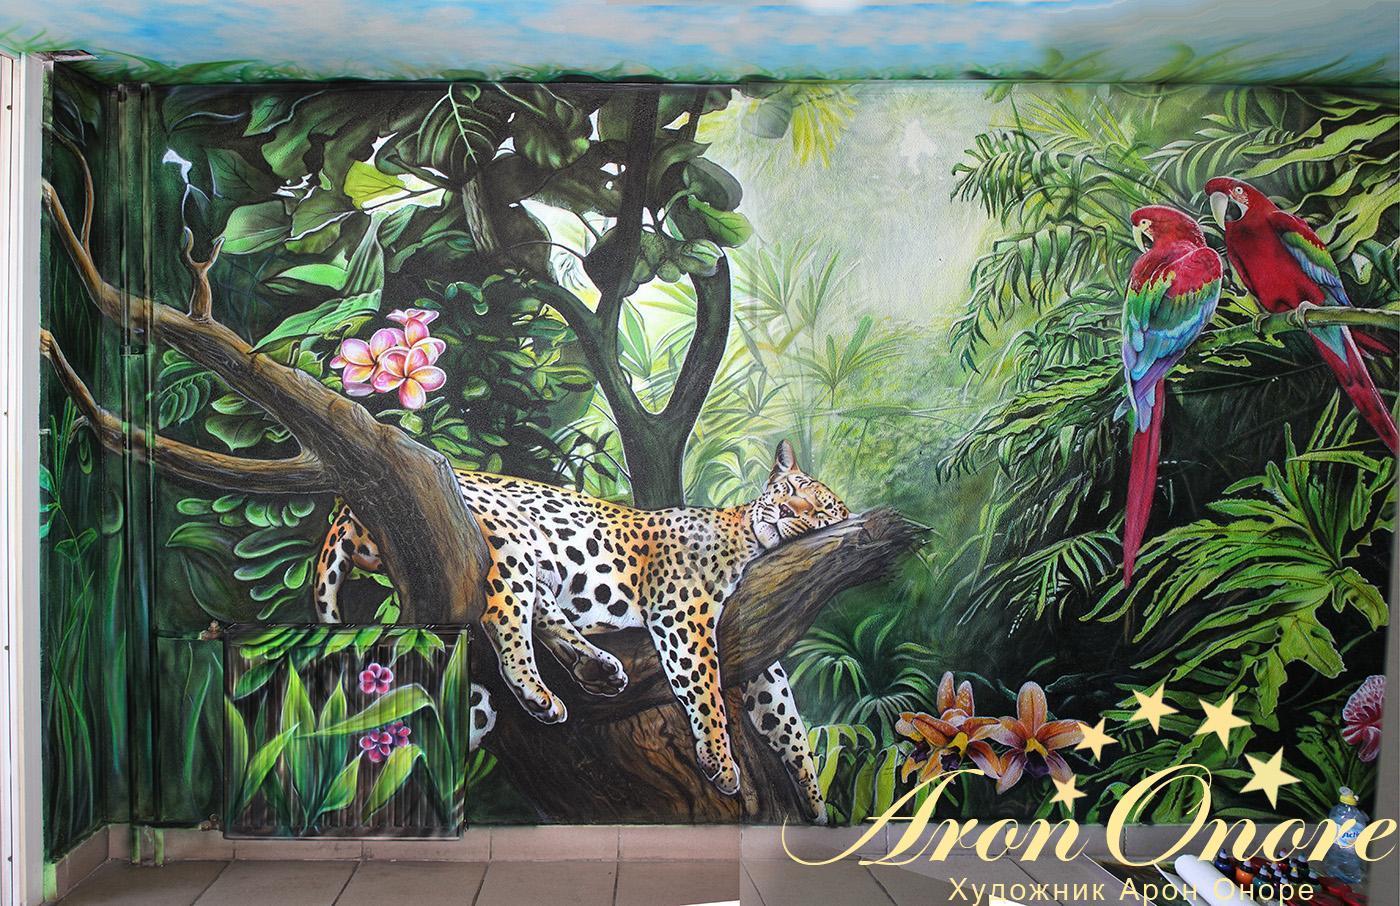 risunokleopardnastene